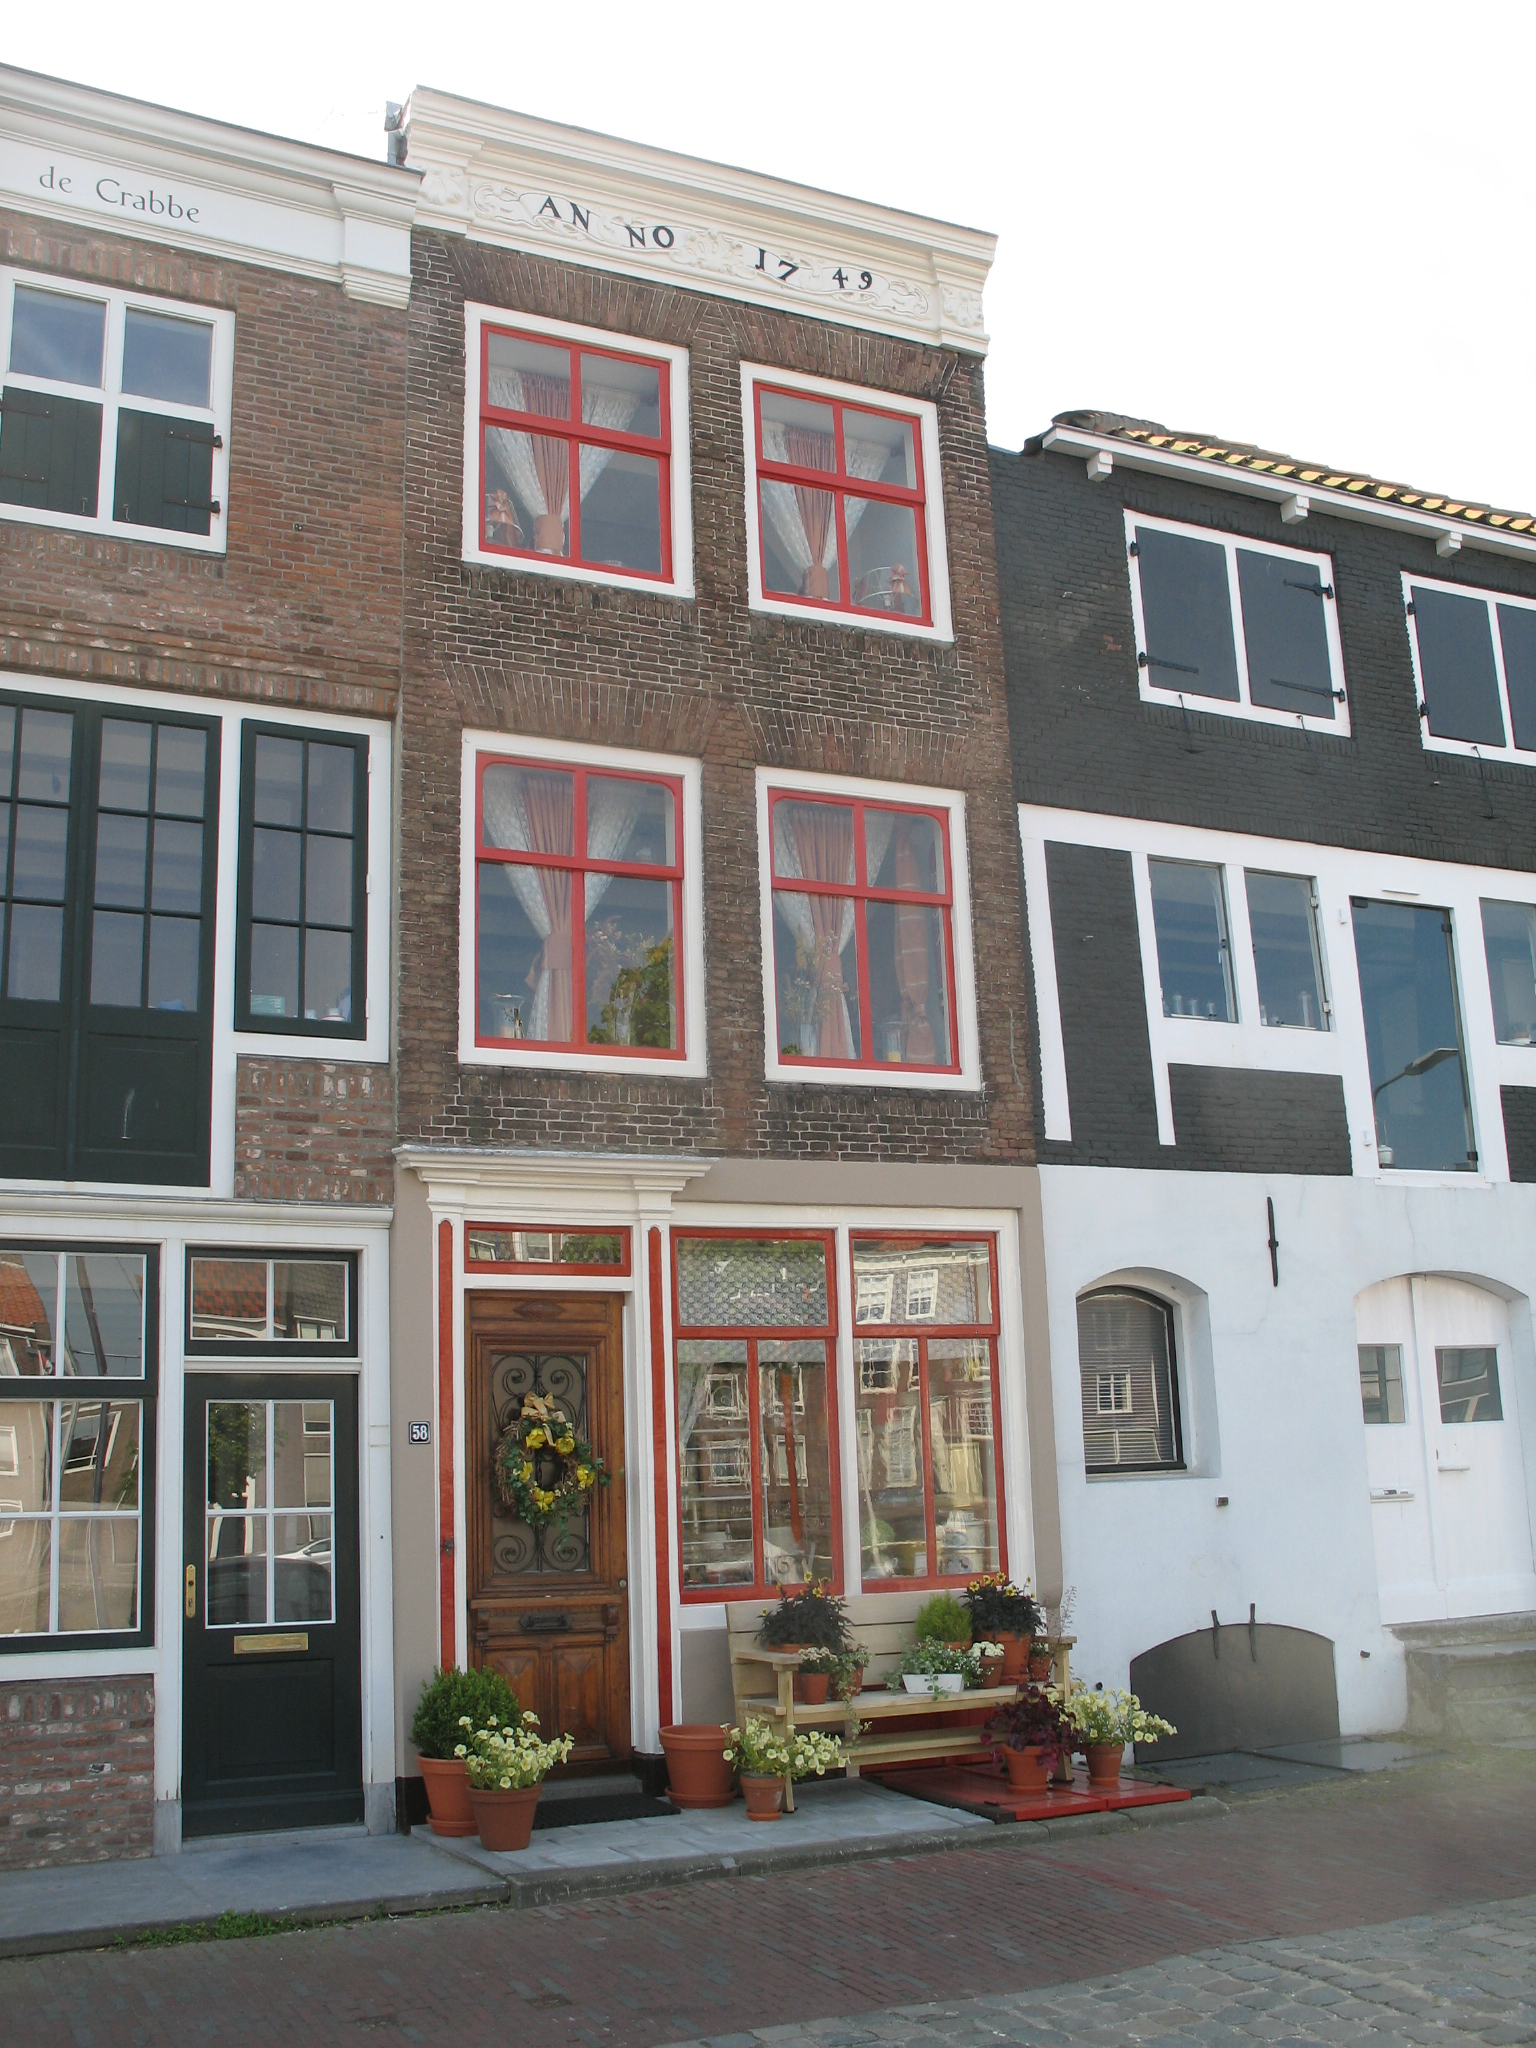 Huis met rechte gevel in de lijst op een banderolle met for Lijst inrichting huis